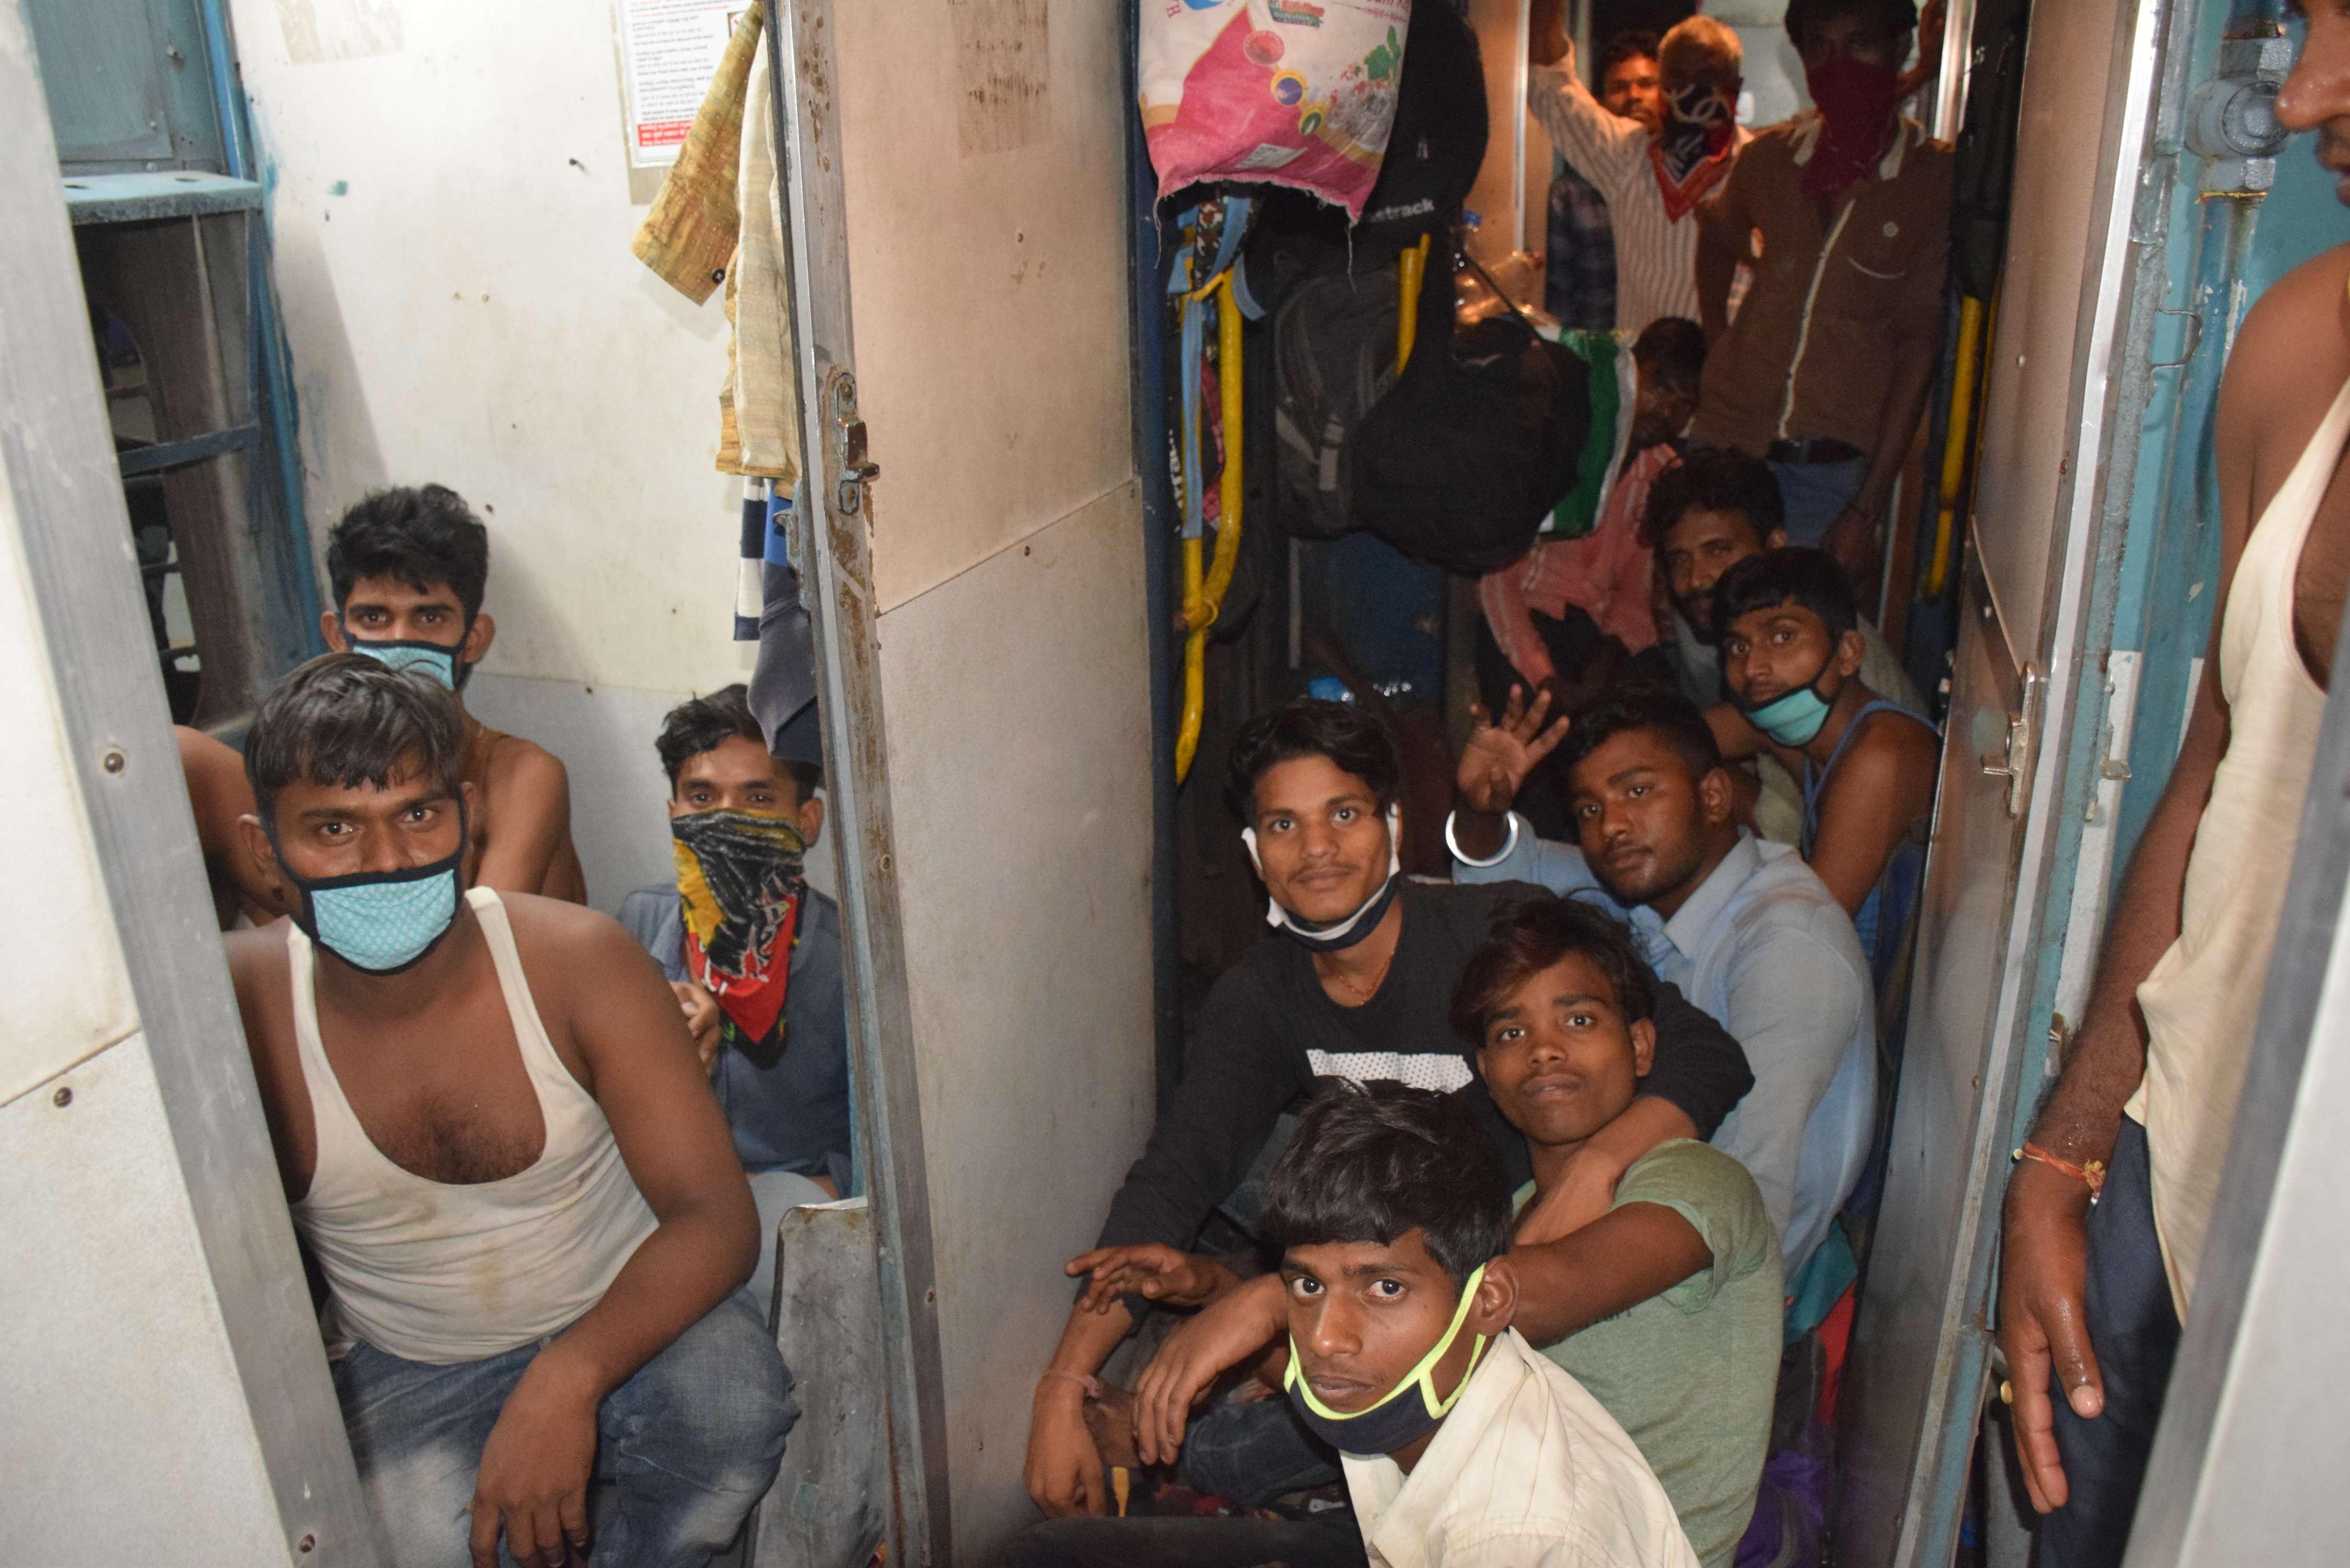 कोरोना वायरस: मुसाफिरों ने बाथरूम में बैठ किया सफर, देखें फोटो में